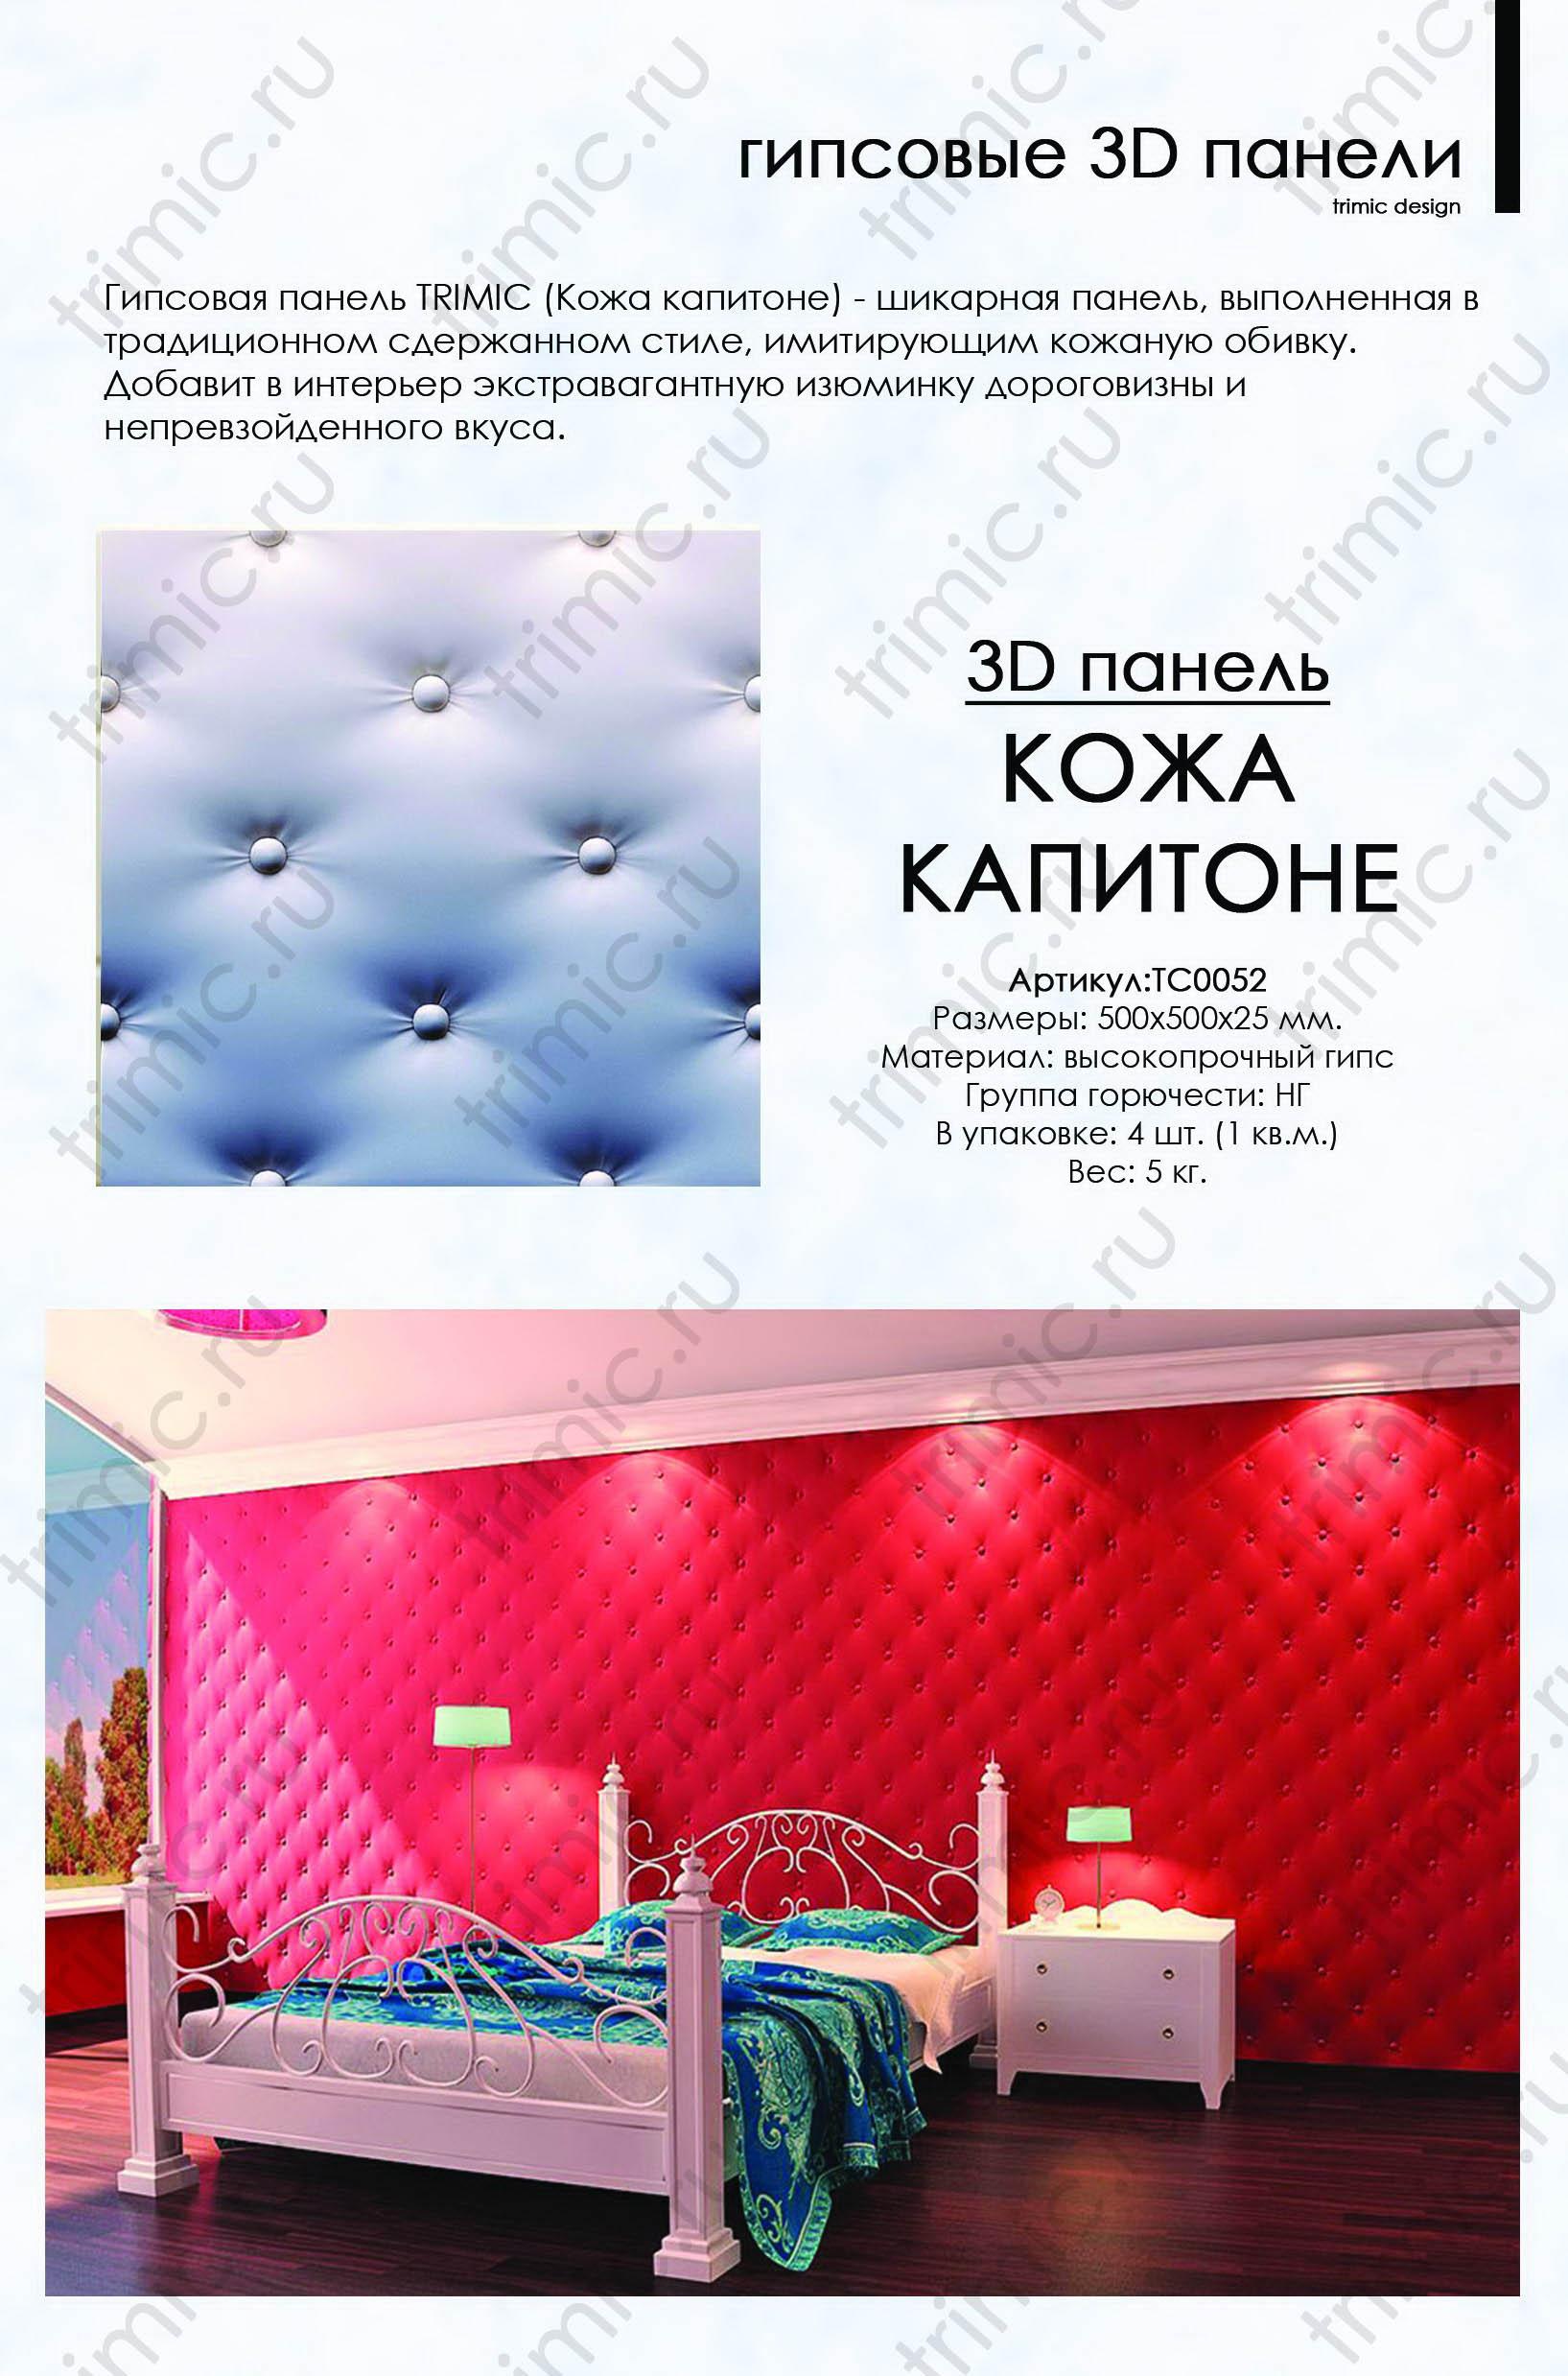 """3D панель из гипса """"Кожа капитоне"""" для интерьерного оформления стен."""